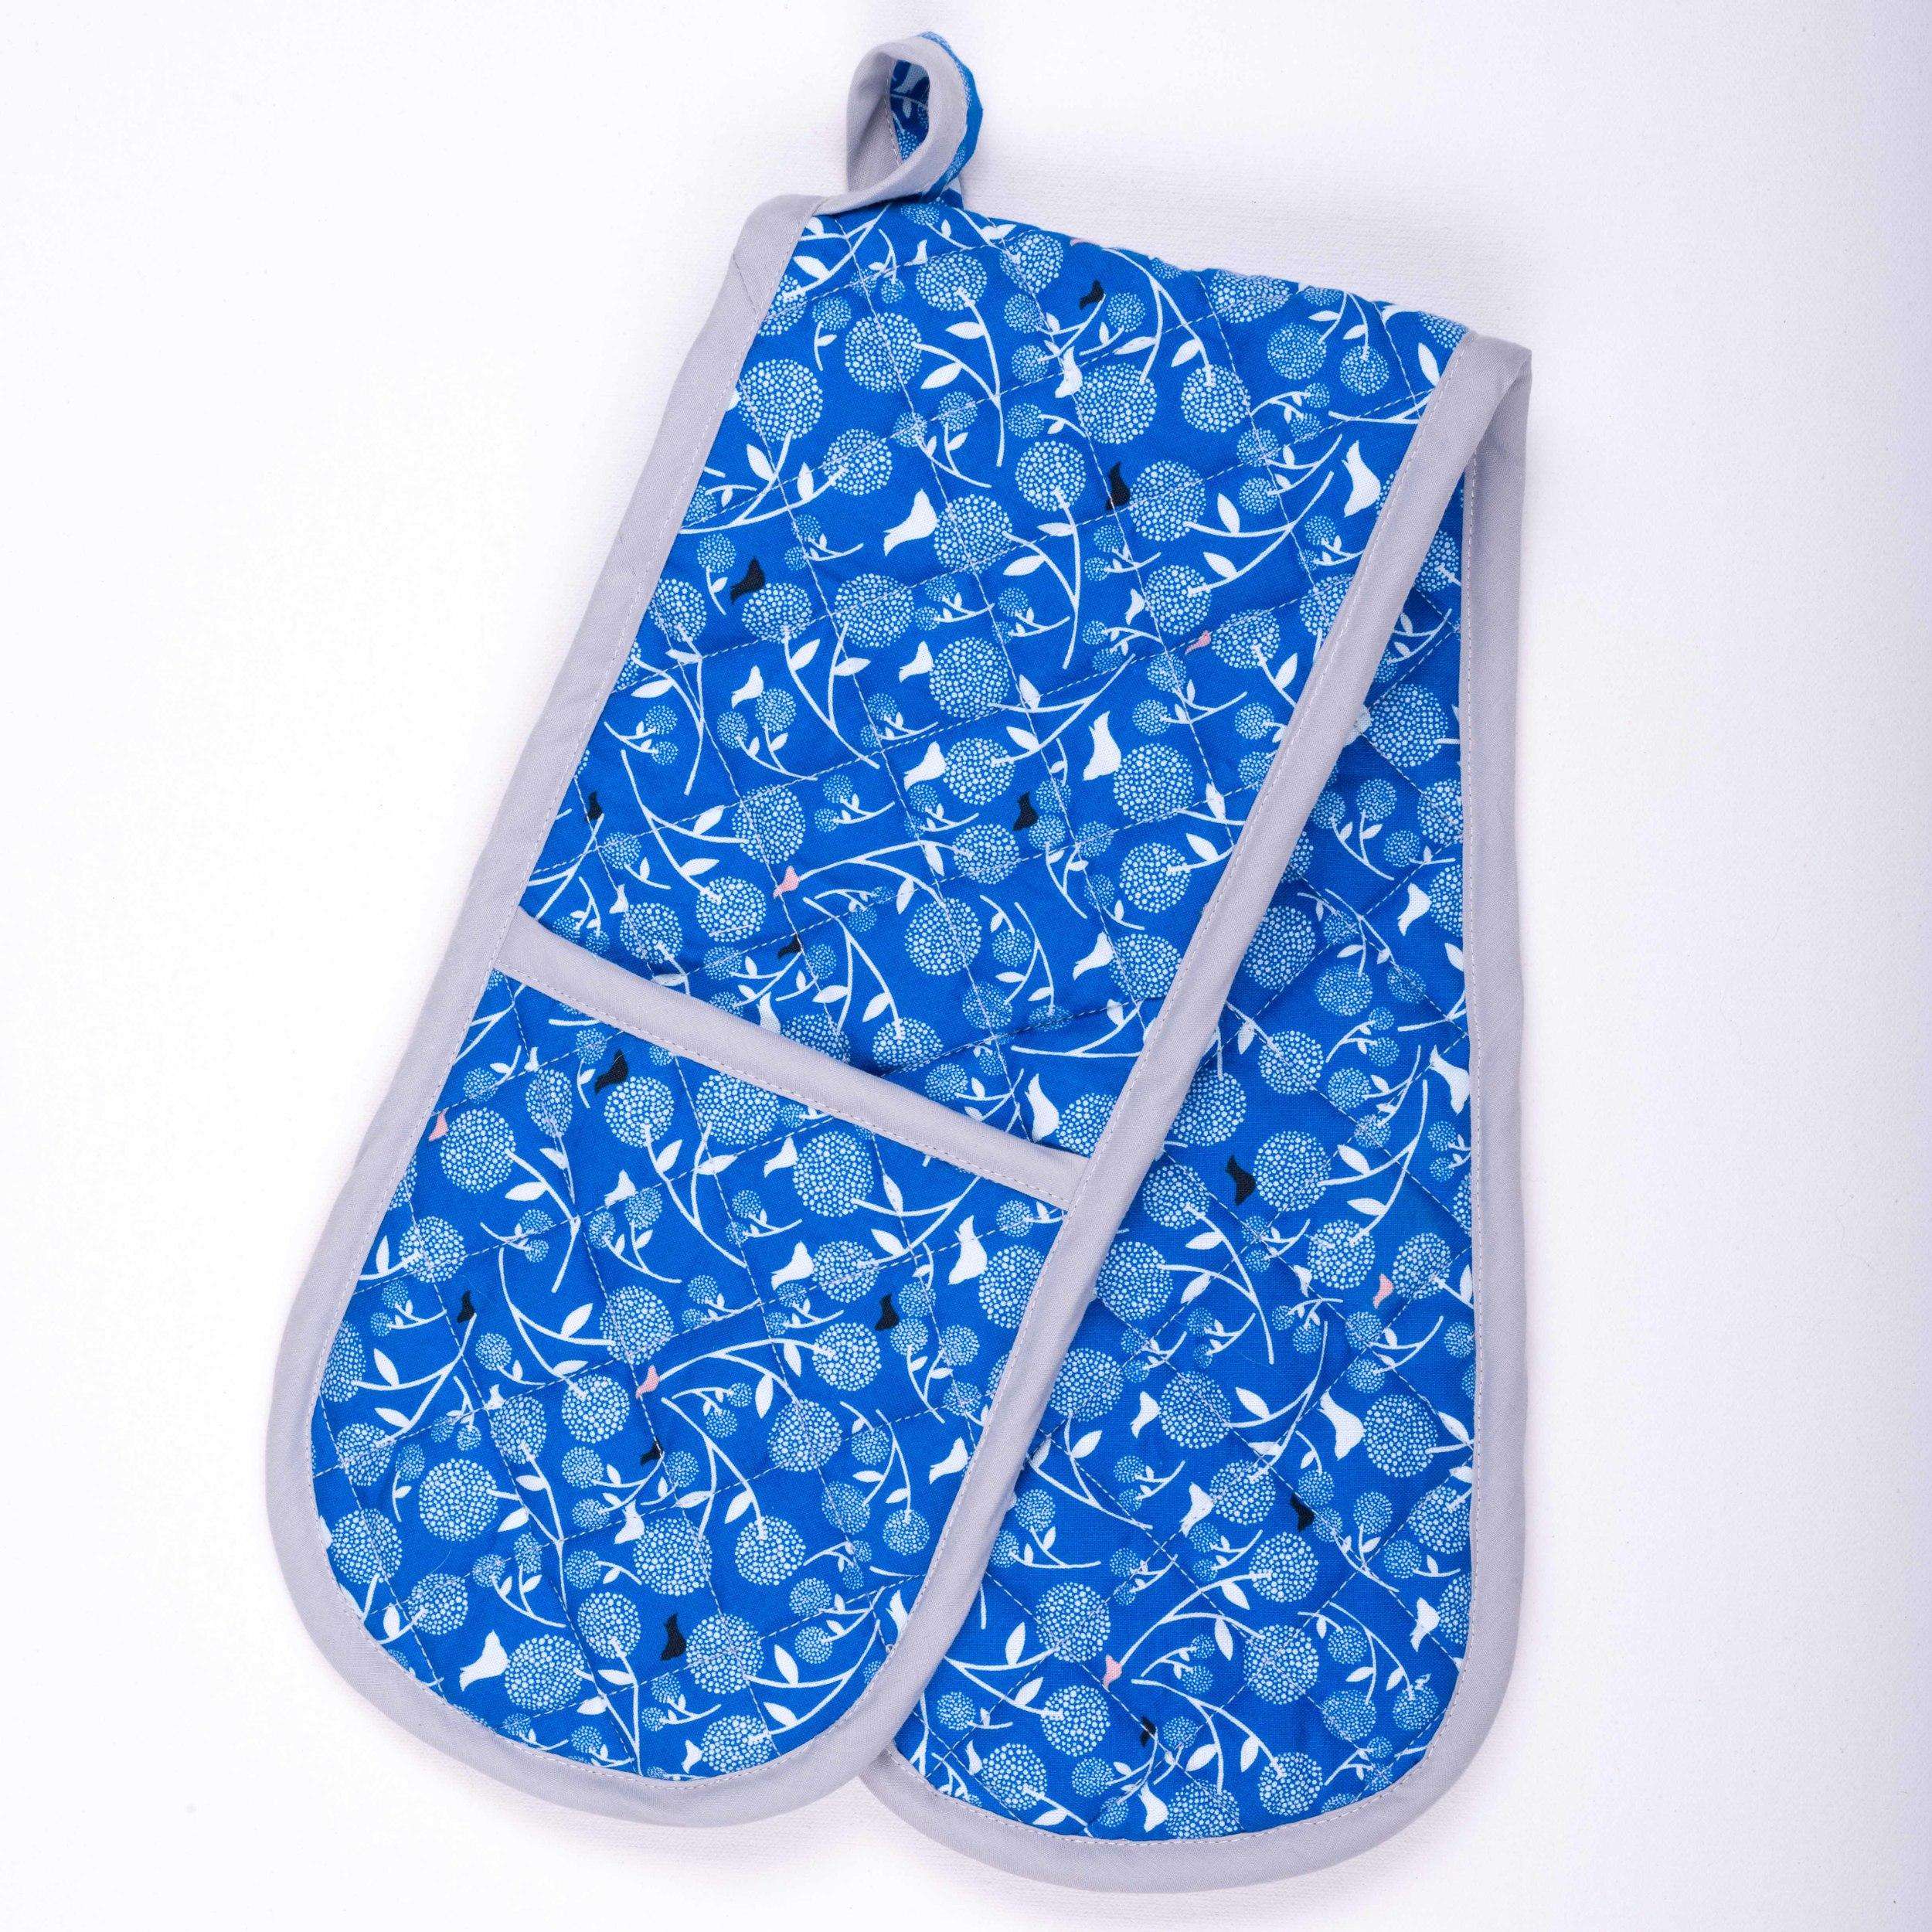 Skoo KidsKitchen Blue Floral Print Oven Gloves